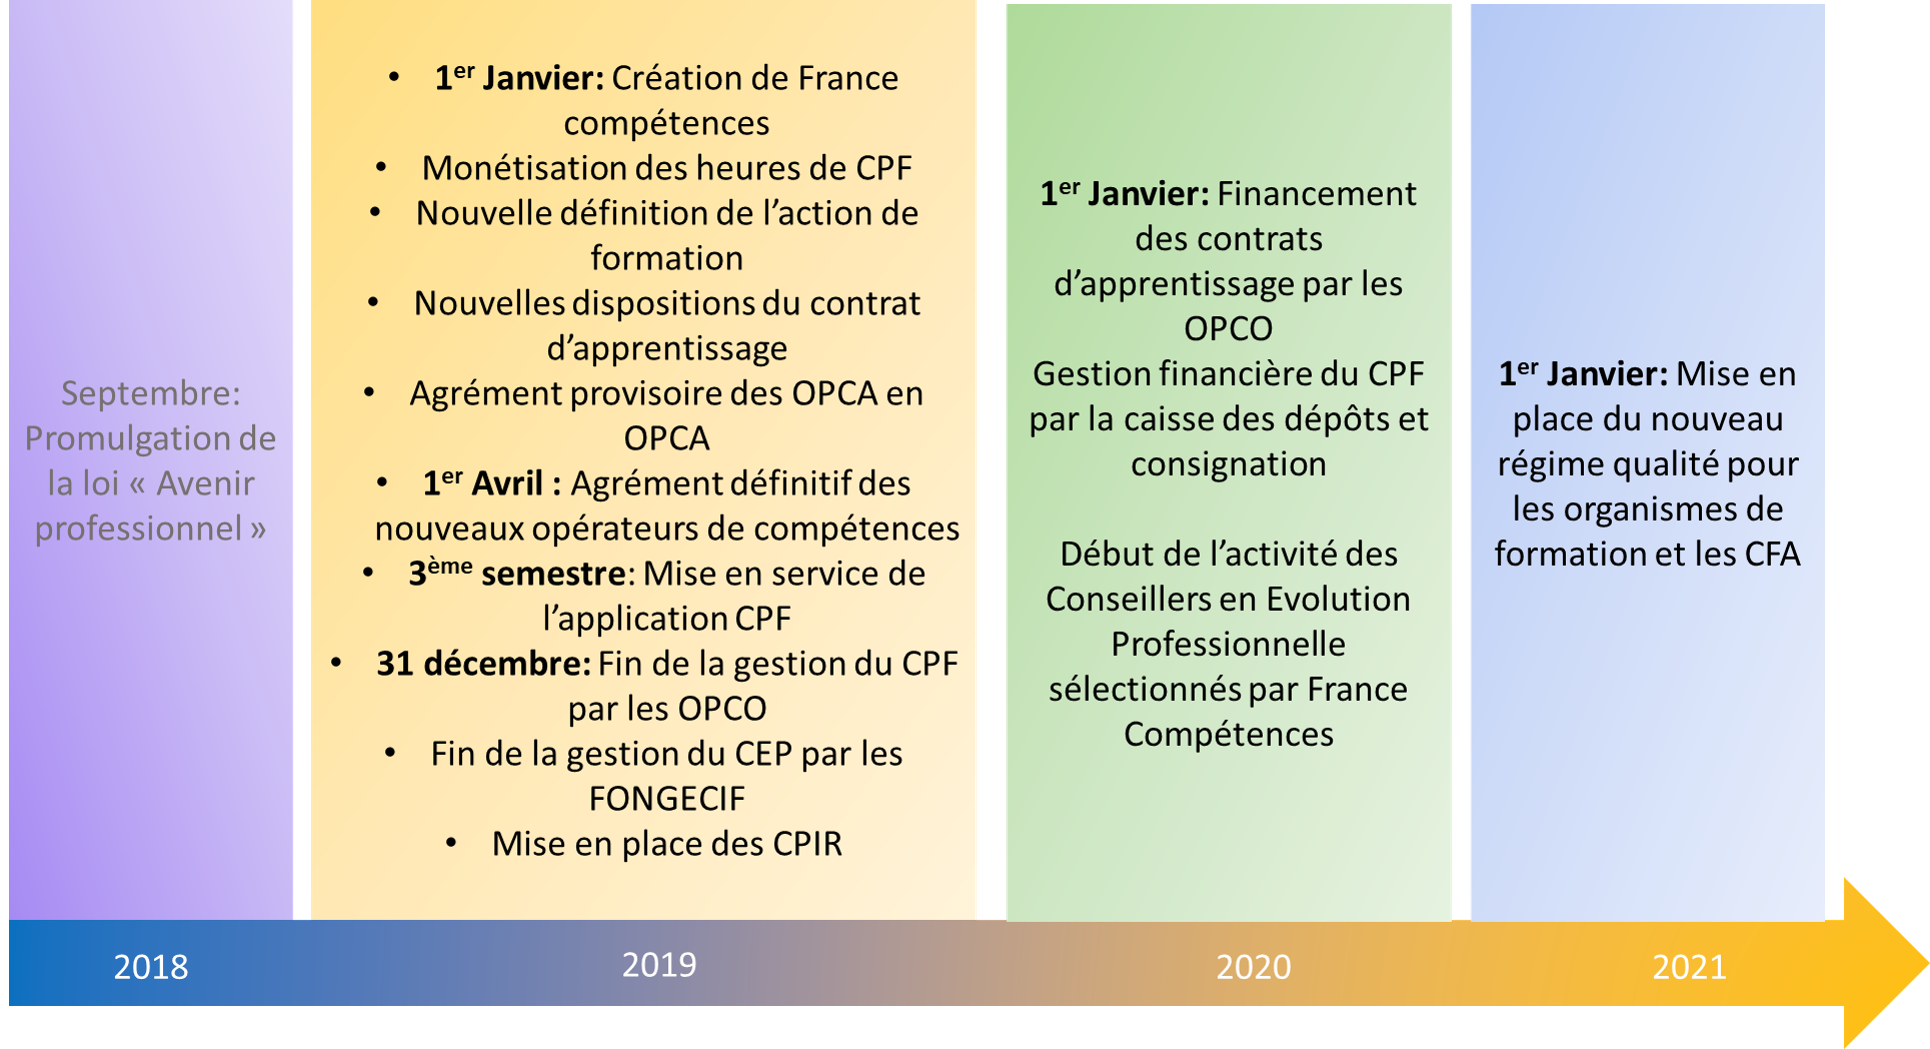 Calendrier Fongecif 2020 | Calendrier 2020 modeltreindagen